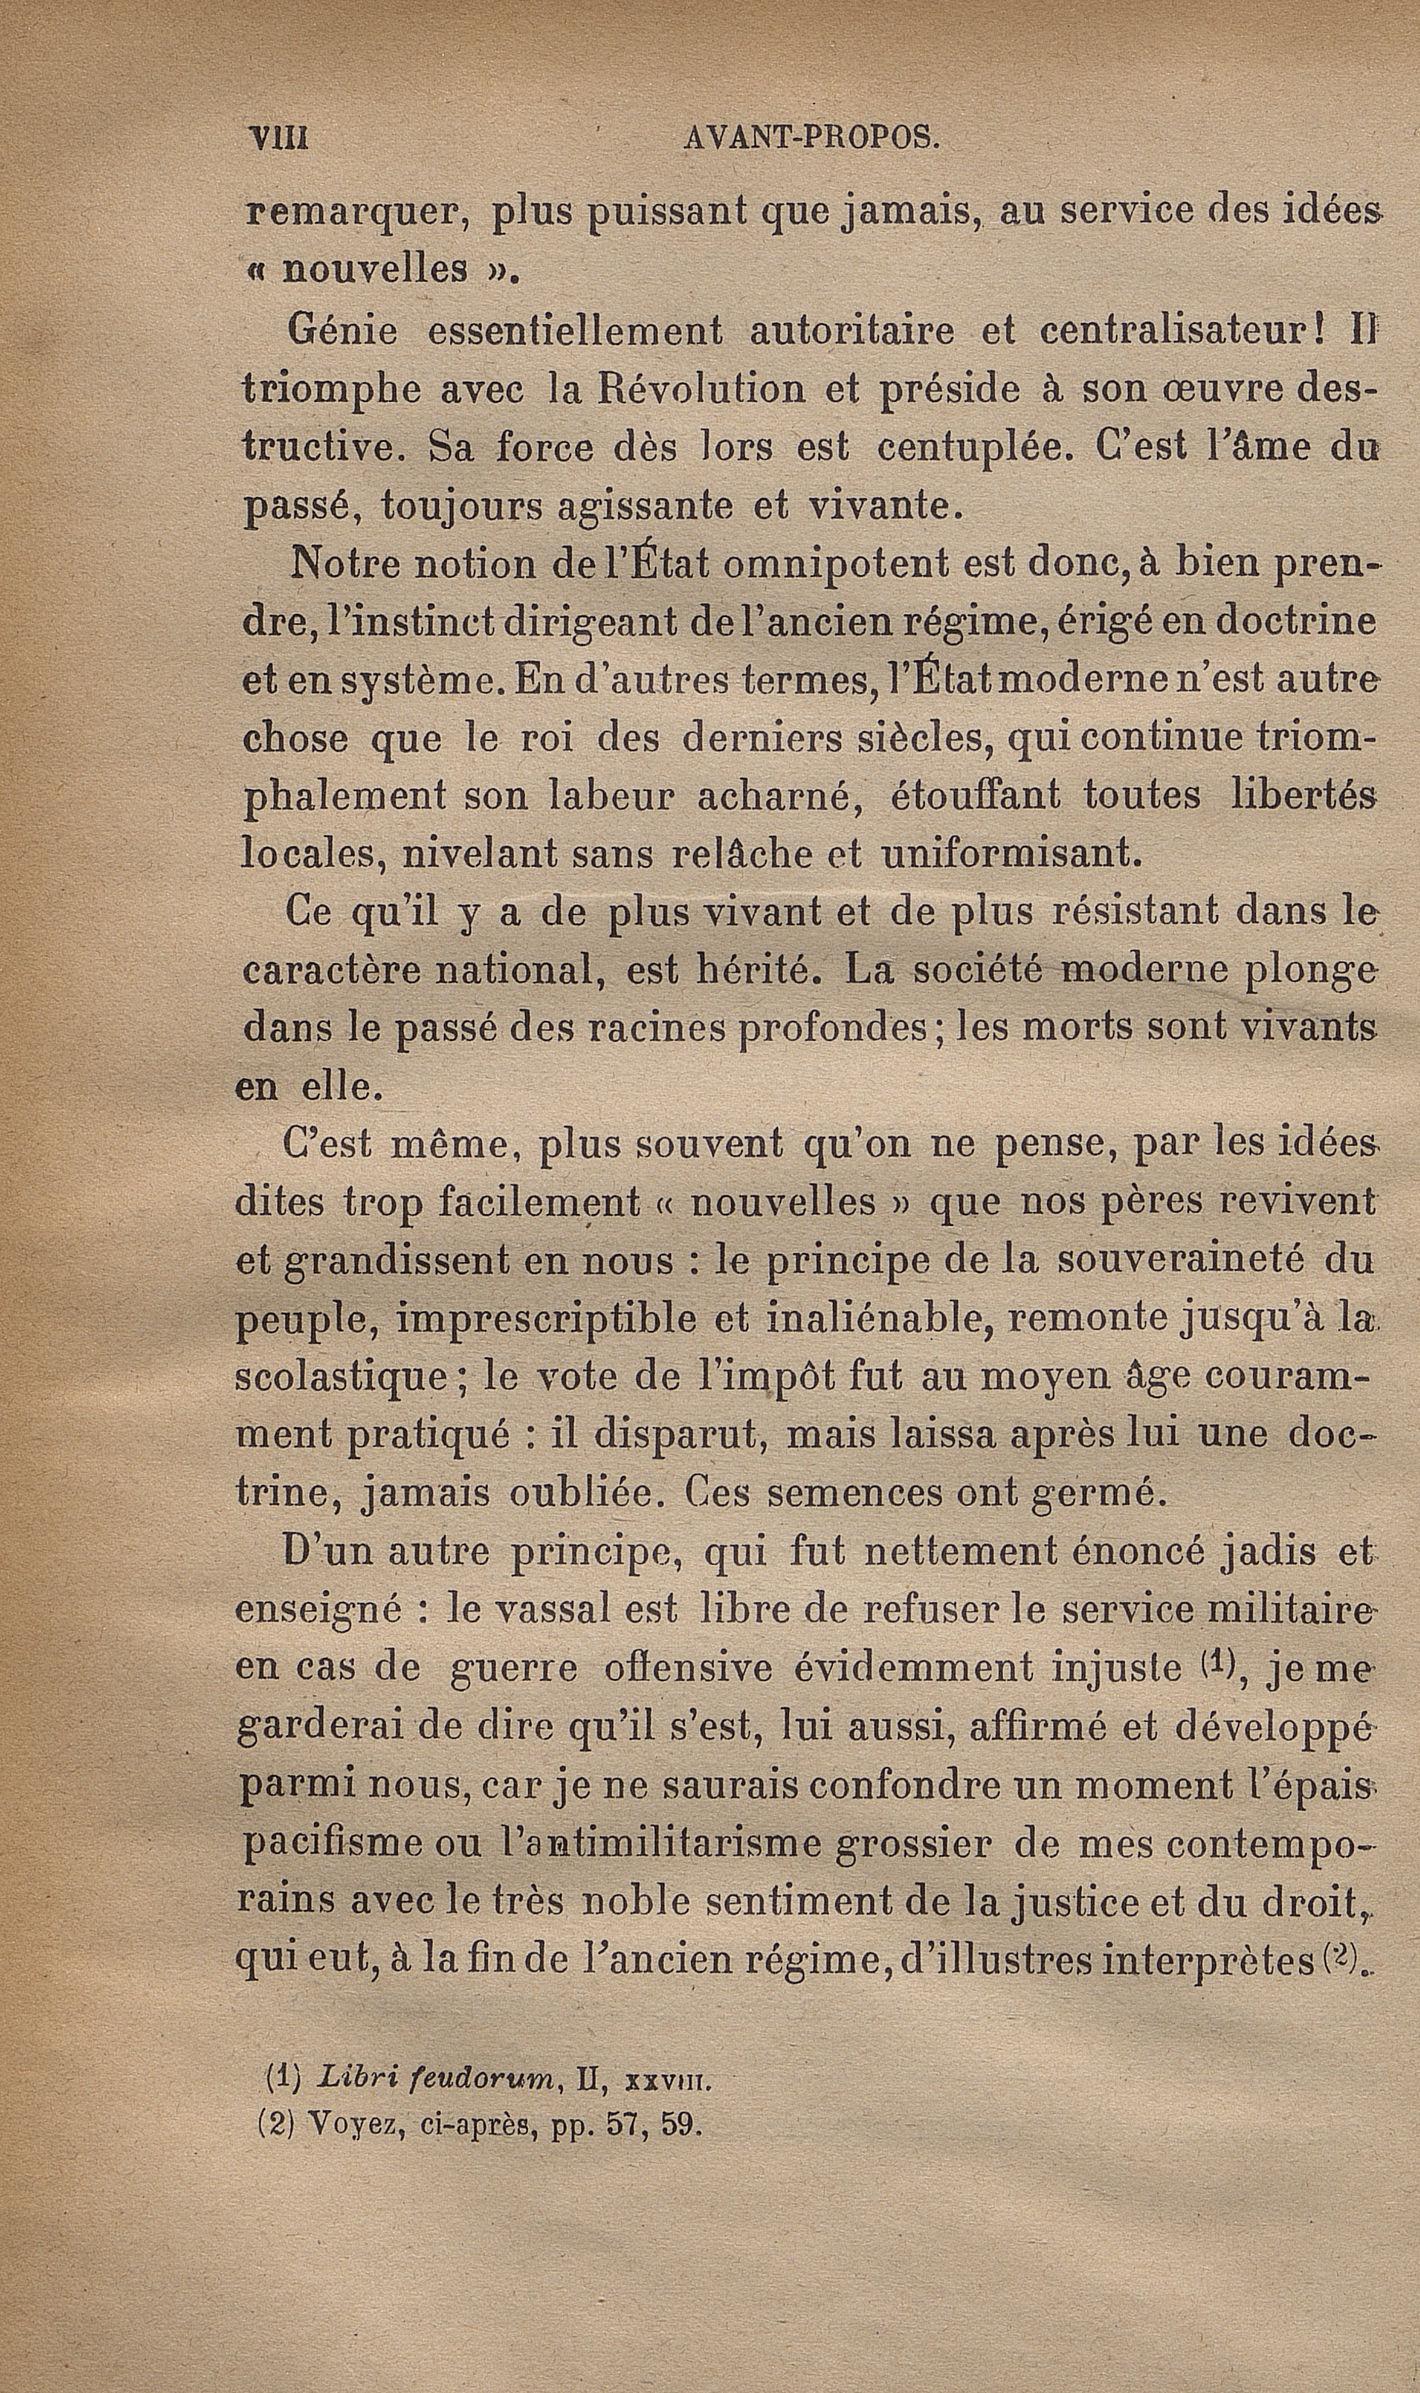 http://expo-paulviollet.univ-paris1.fr/wp-content/uploads/2016/02/0605381272_0012.jpg